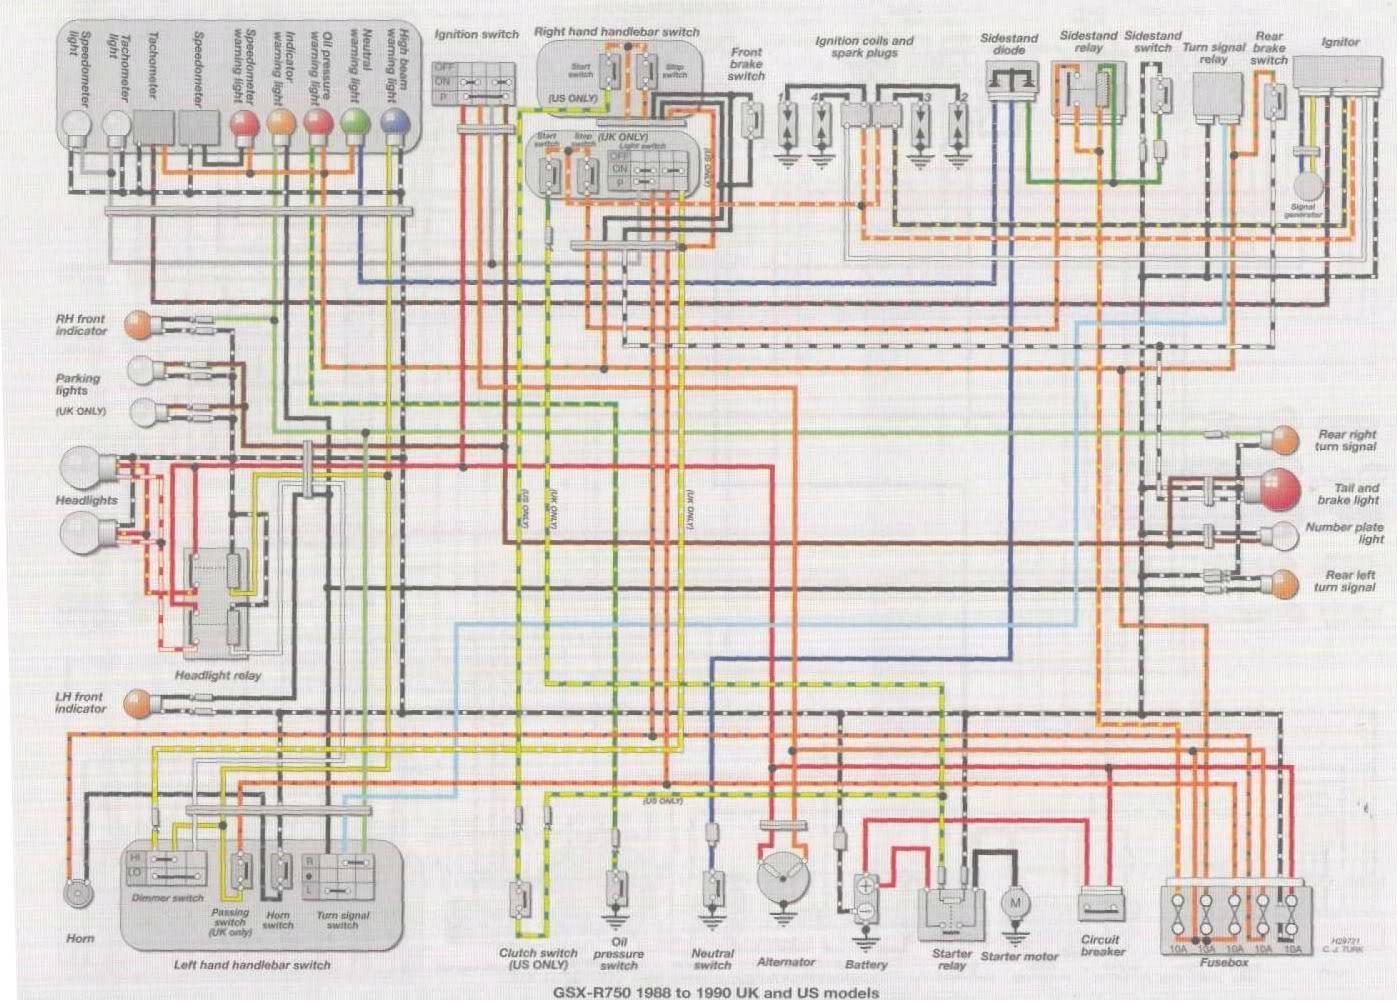 [NRIO_4796]   VC_4070] 1997 Gsxr Wiring Diagram Free Diagram | 1997 Gsxr 750 Tachometer Wiring Diagram |  | Bupi Mimig Gue45 Umng Mohammedshrine Librar Wiring 101